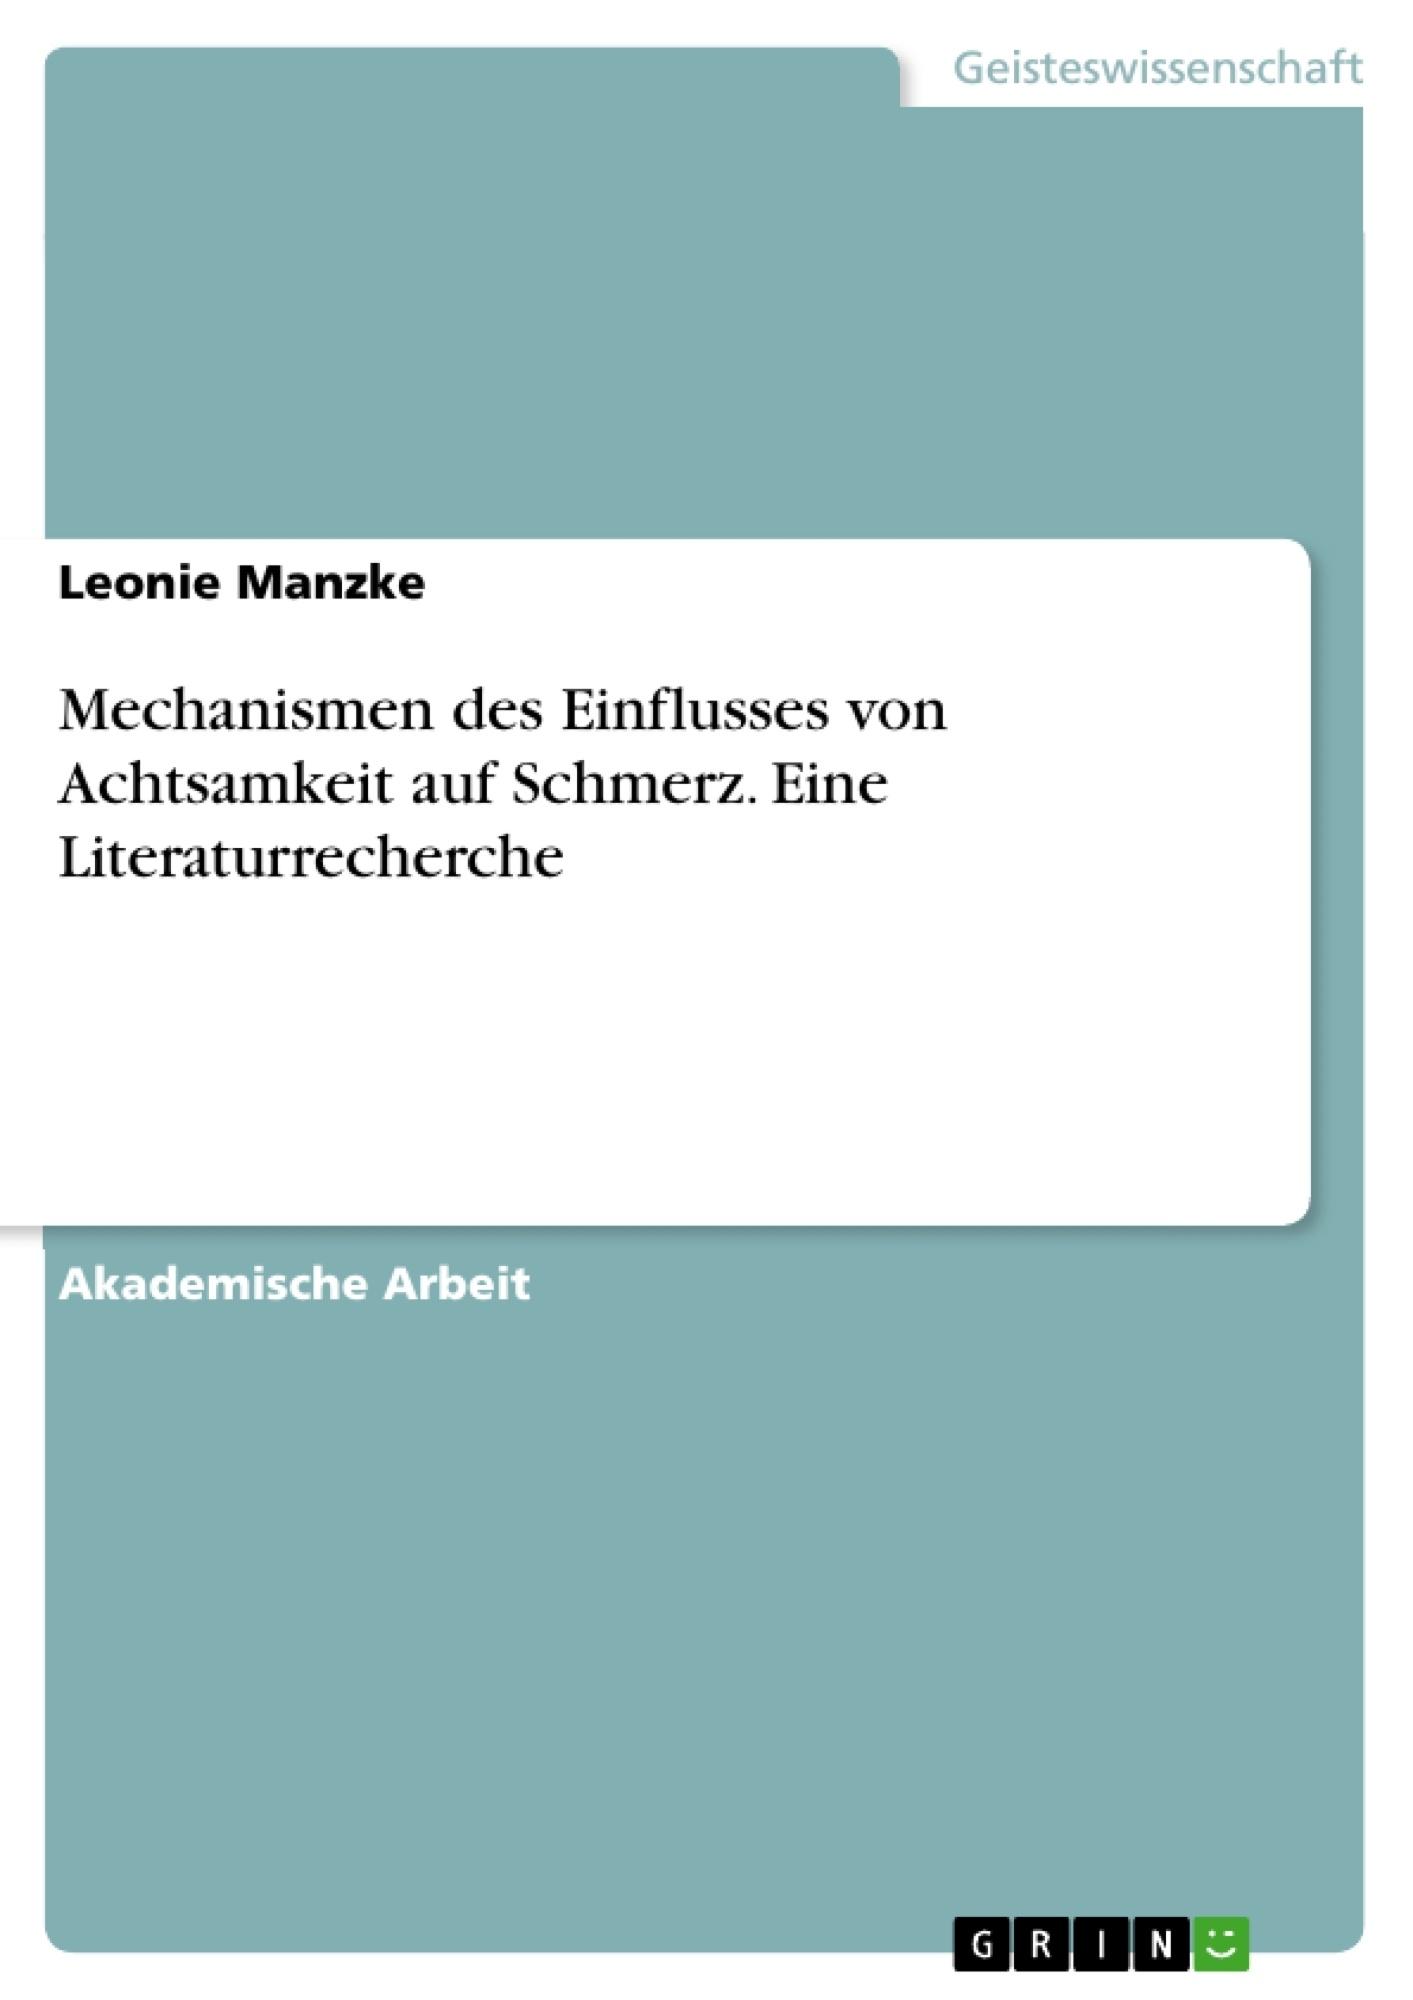 Titel: Mechanismen des Einflusses von Achtsamkeit auf Schmerz. Eine Literaturrecherche